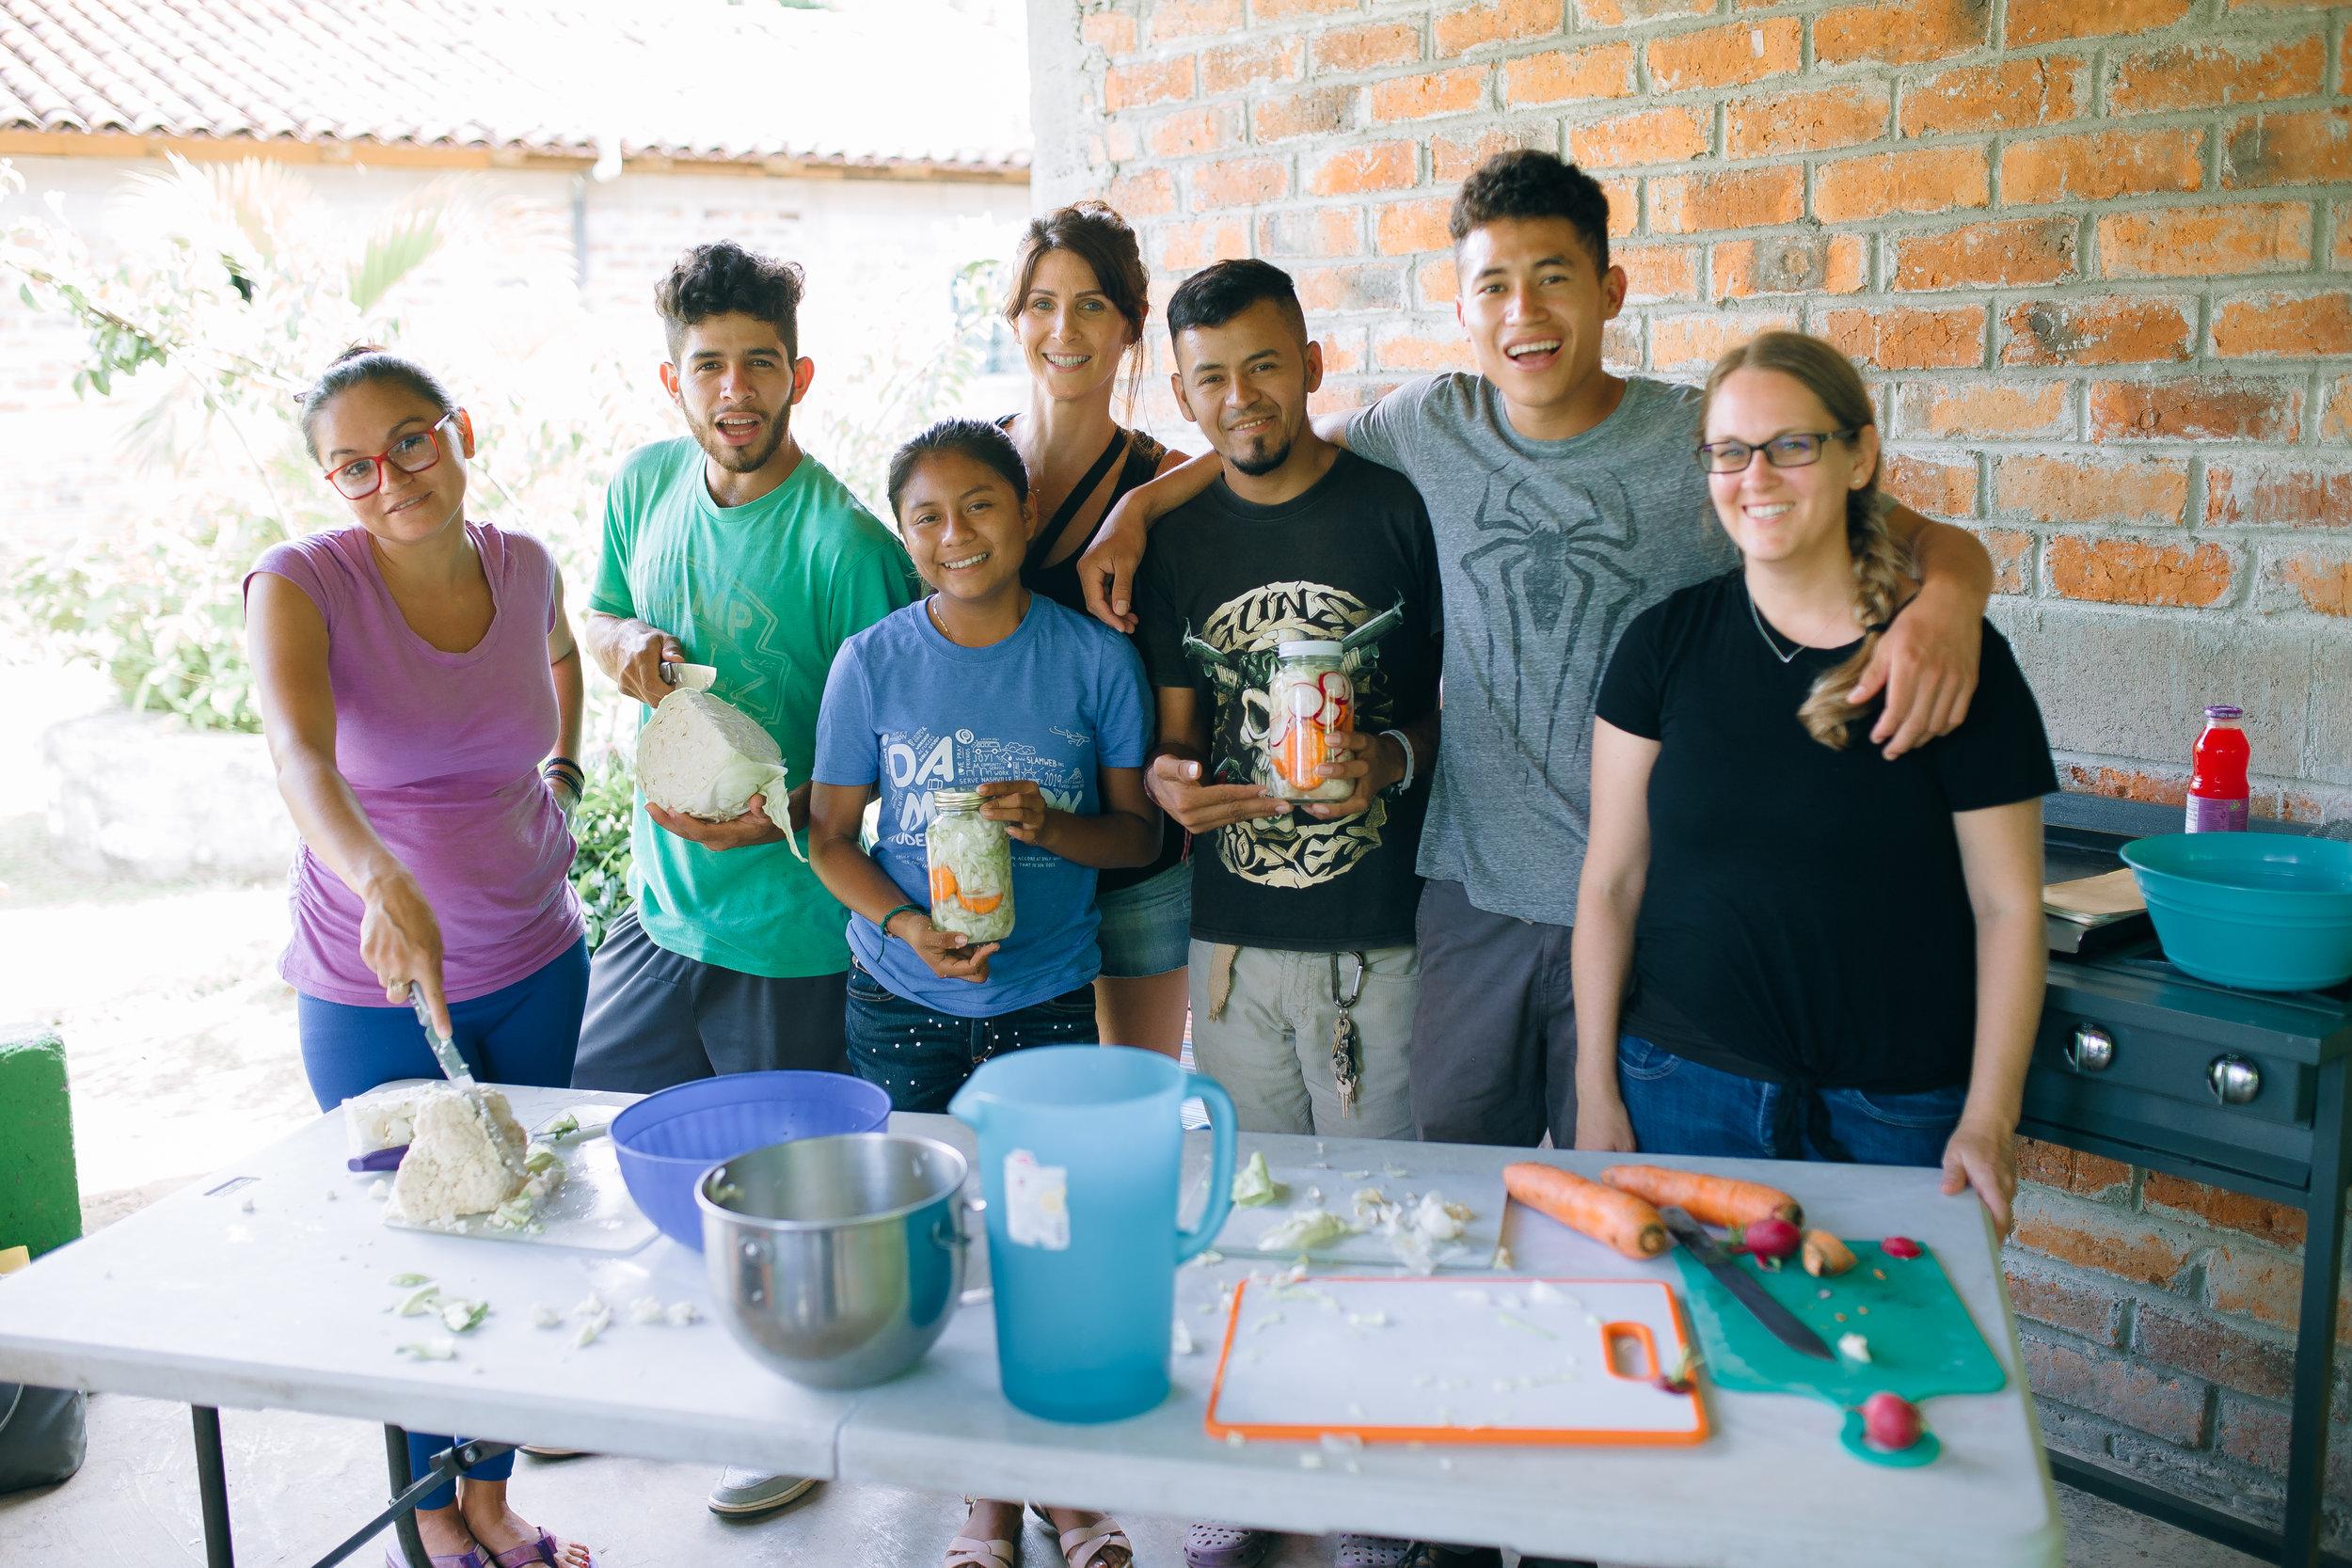 Workshop participants and facilitators: (L to R) Lorena, Amilcar, Doris, Vanessa, Miguel, Orlando, and Julie.